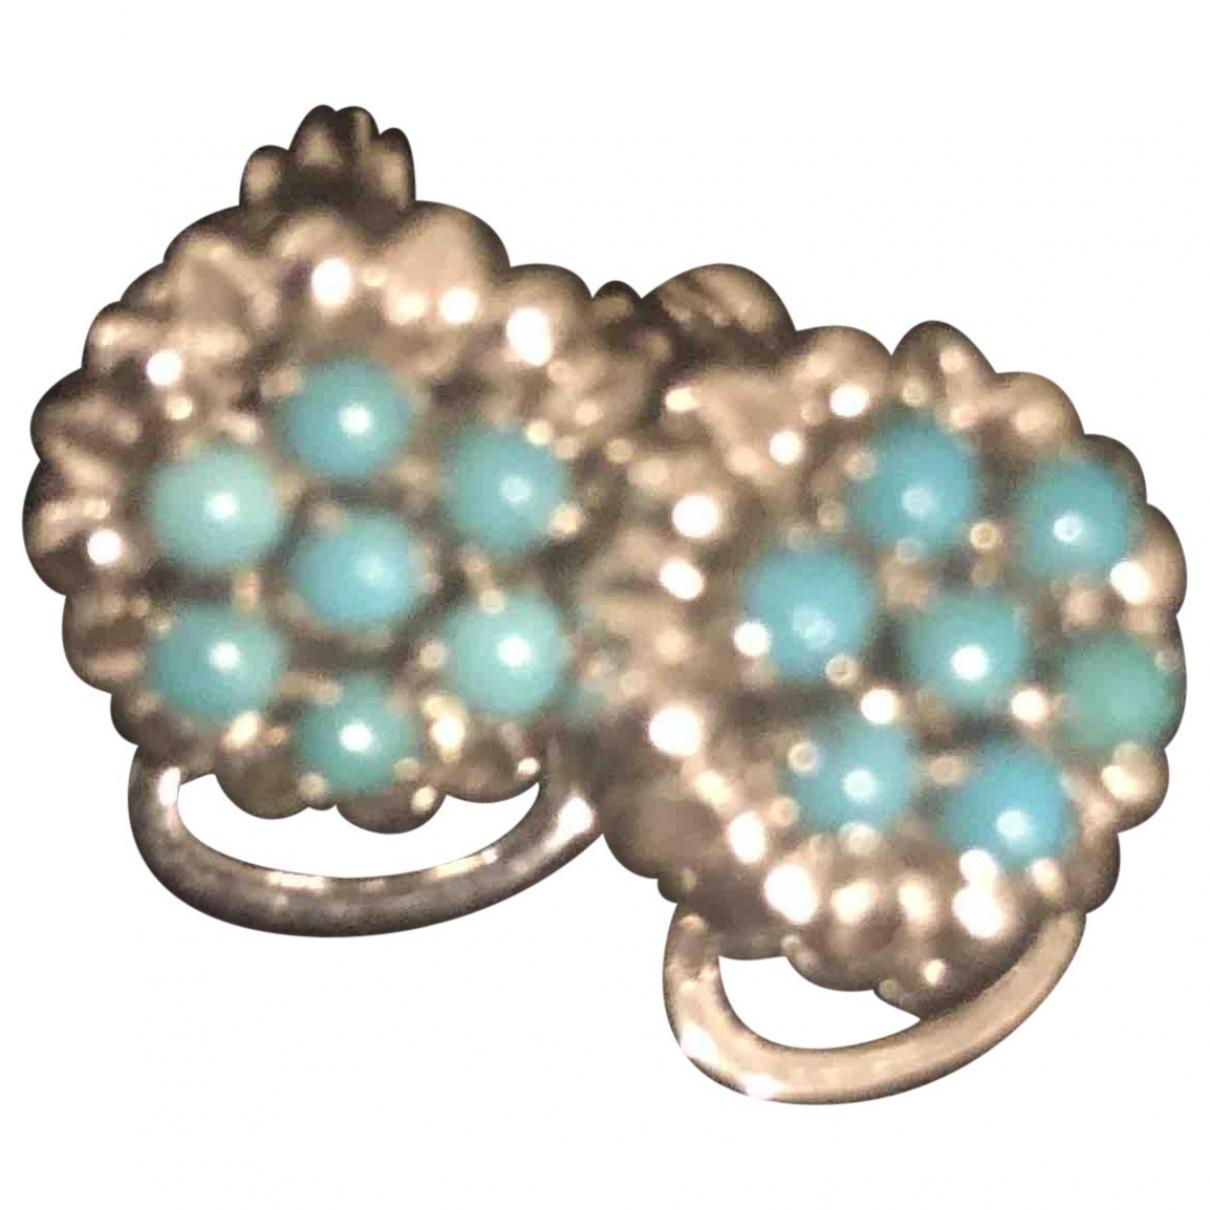 Pendientes Turquoises de Oro blanco Non Signe / Unsigned